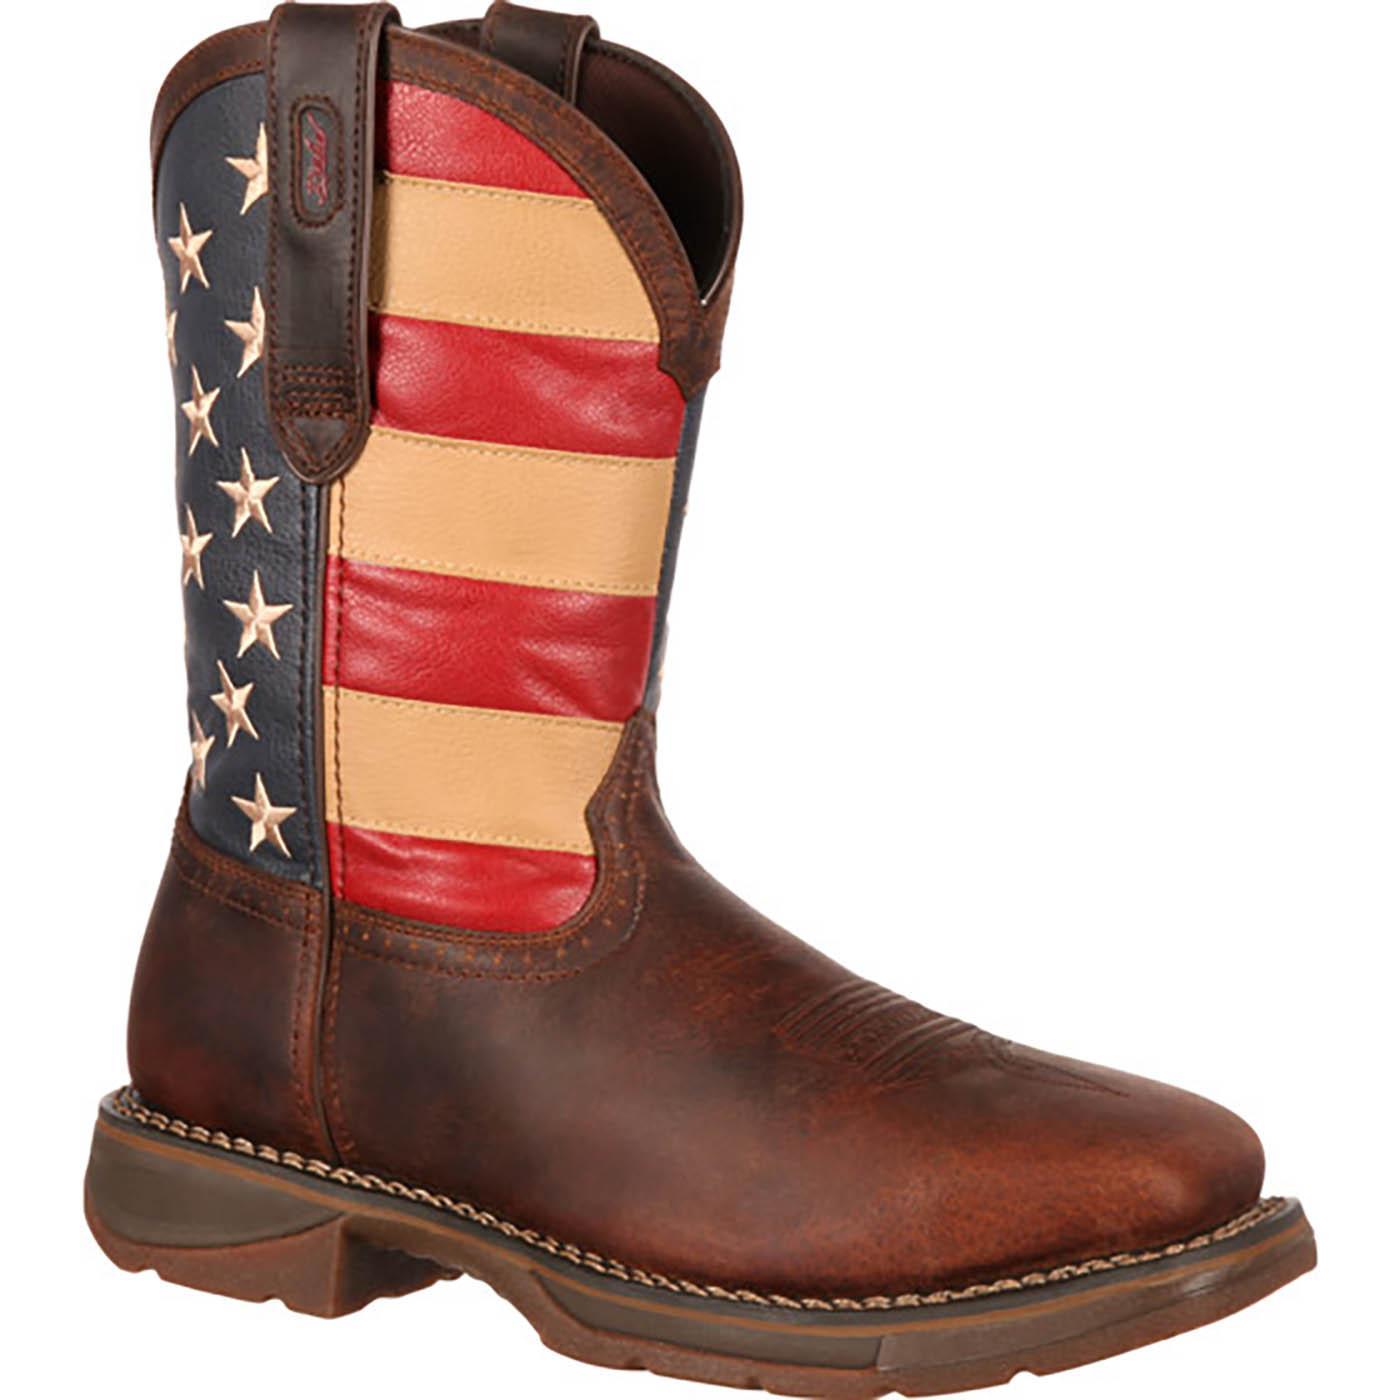 11 Quot Rebel By Durango Flag Boots Men S Steel Toe Work